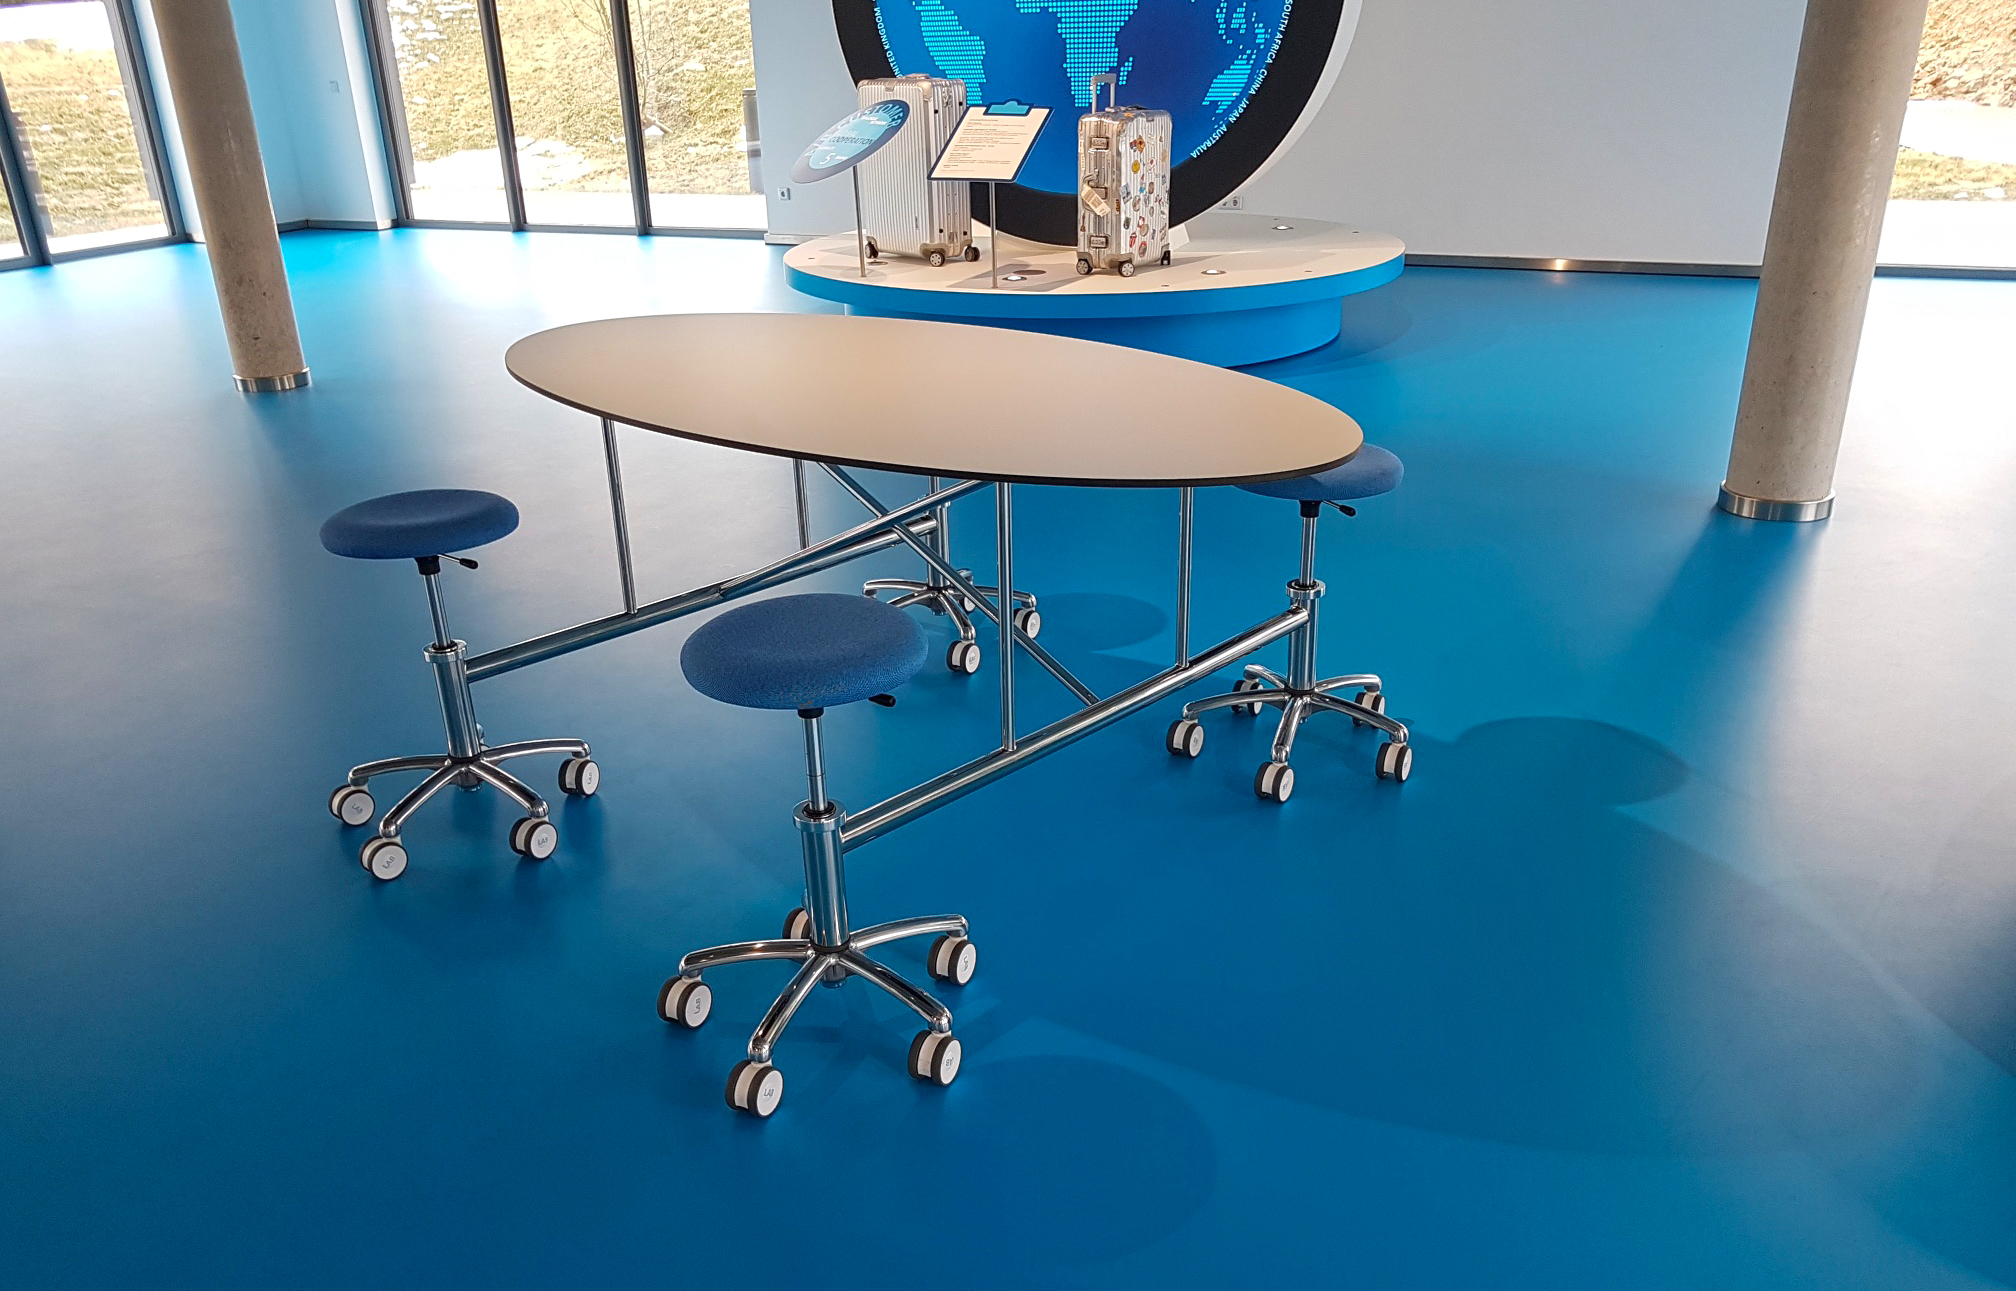 Besprechungstisch hochglanzpolierter Edelstahl, Tischplatte HPL | Entwurf: Bürger Albrecht Partner